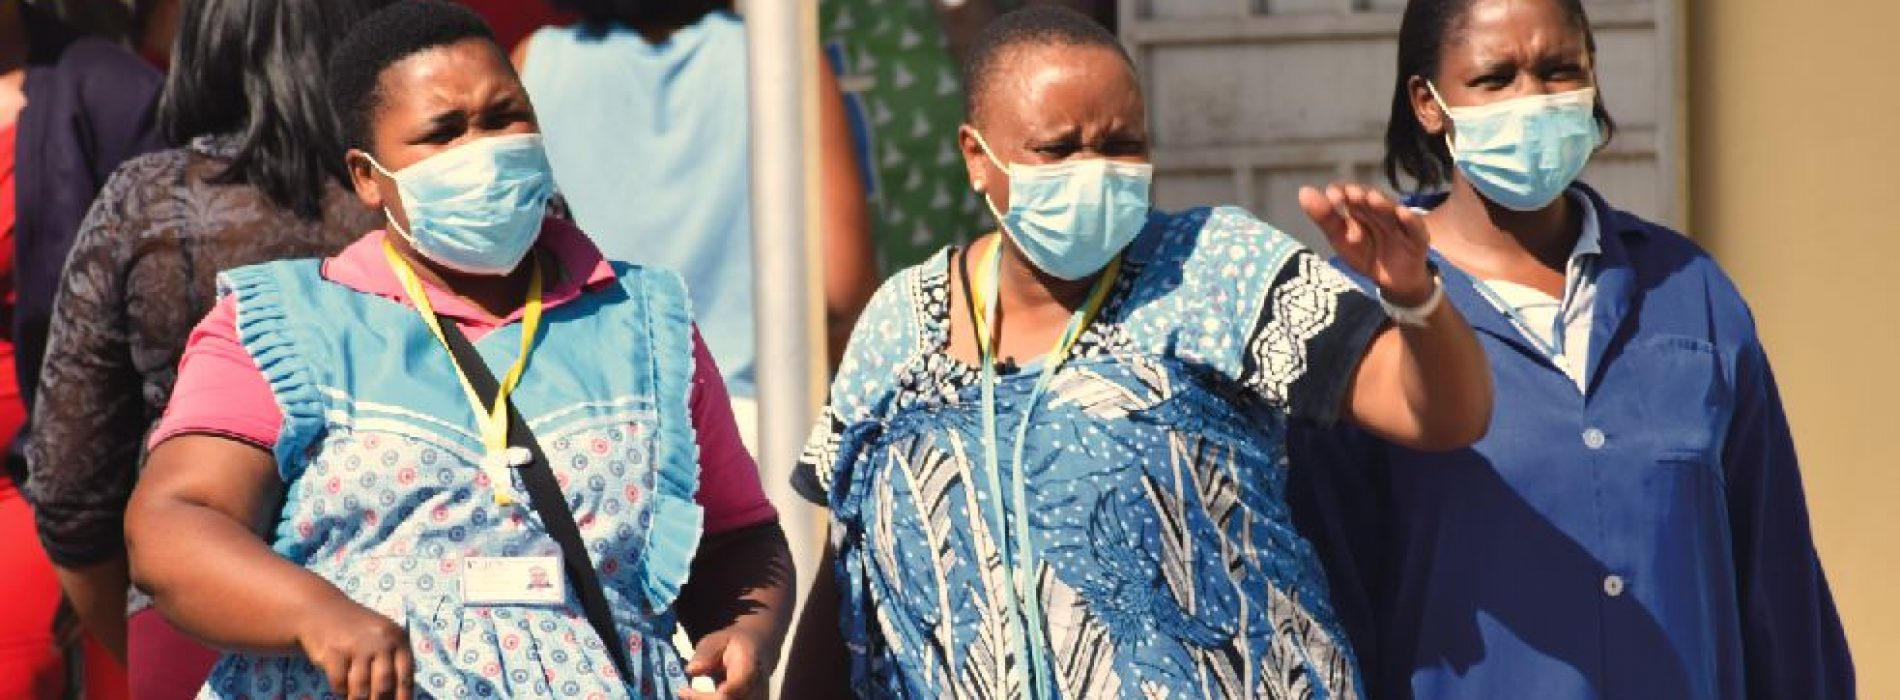 Coronavirus fears shut factories